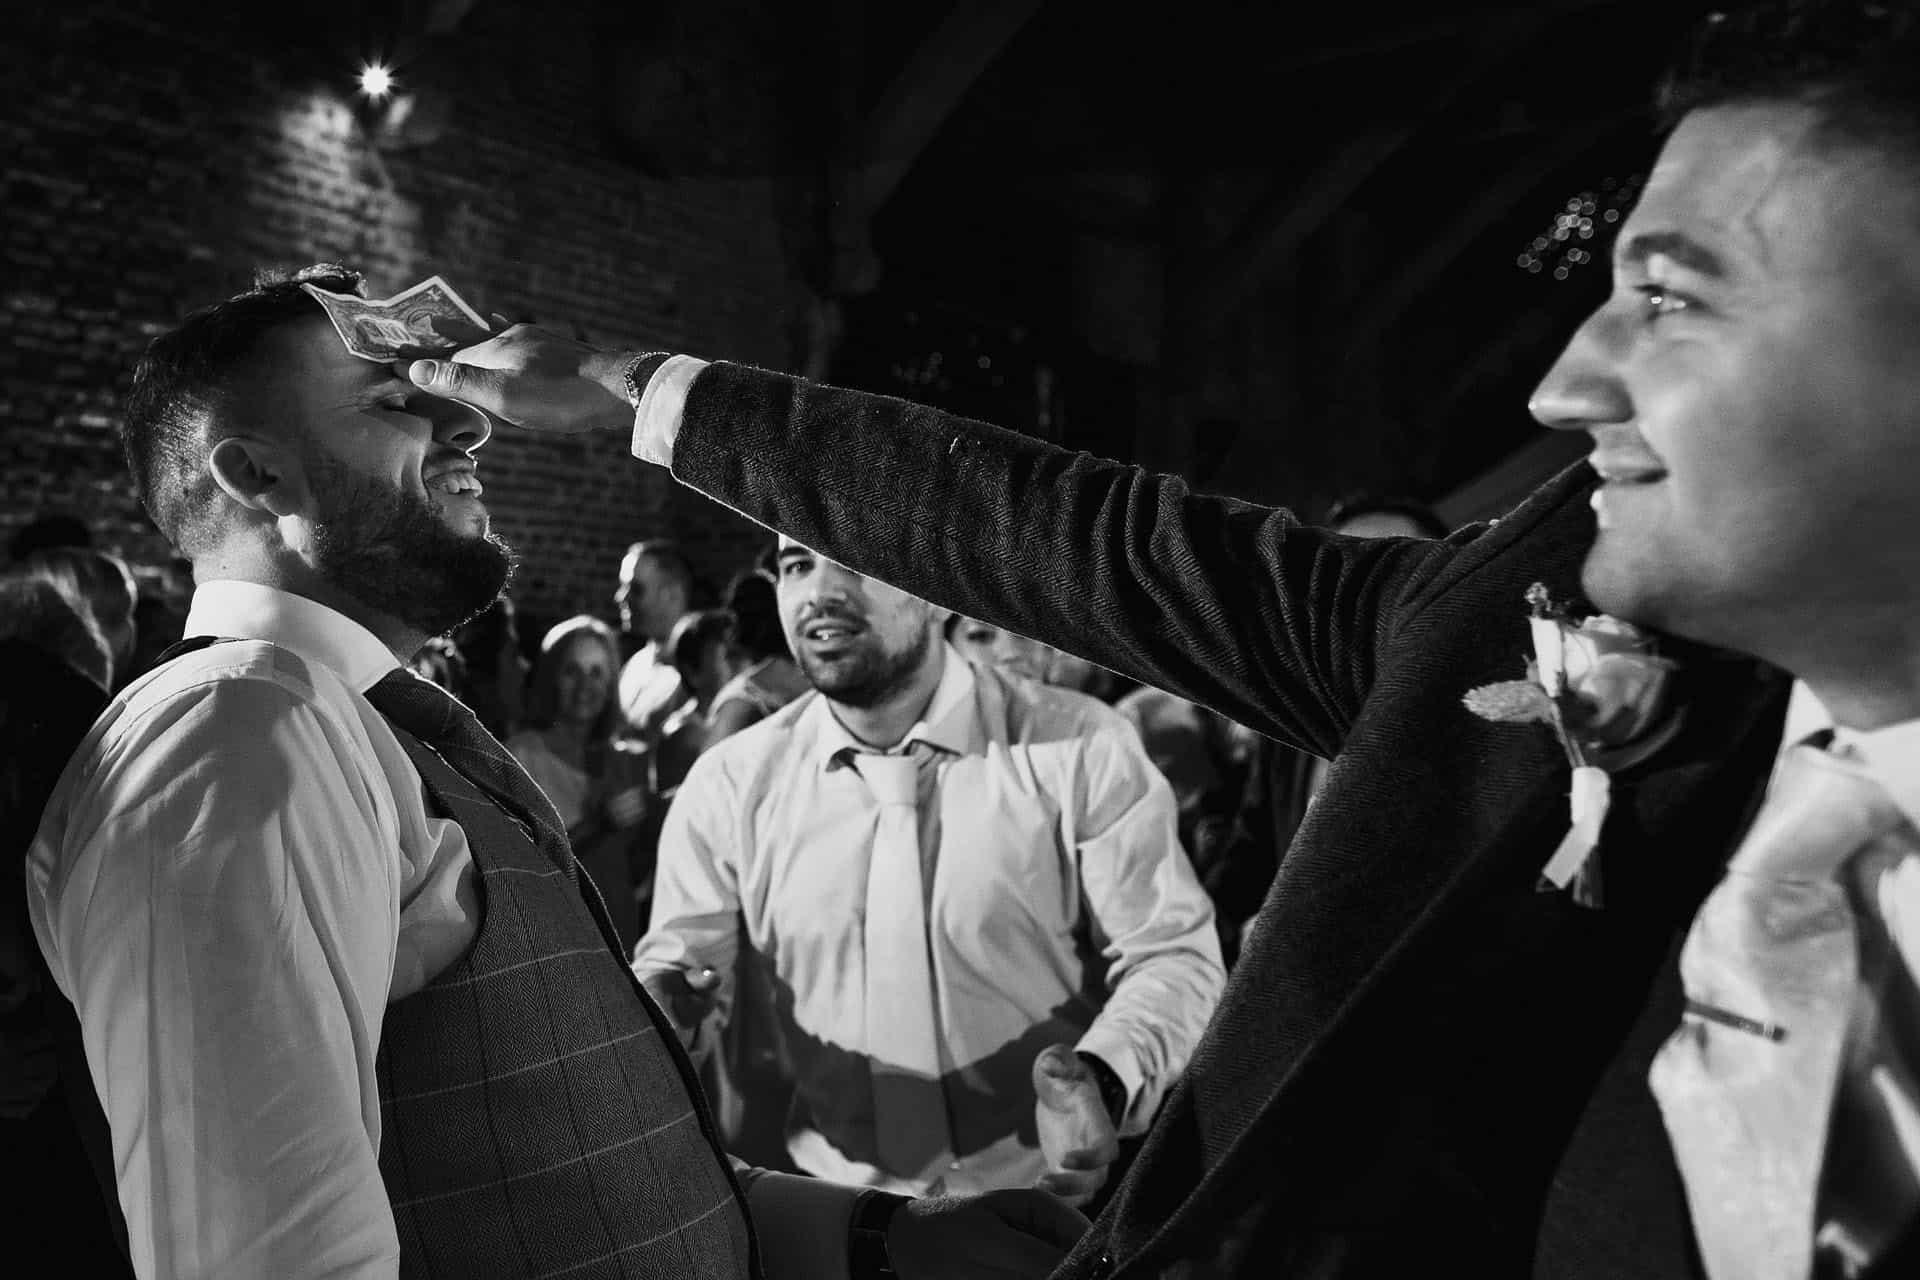 best uk london wedding photography 2018